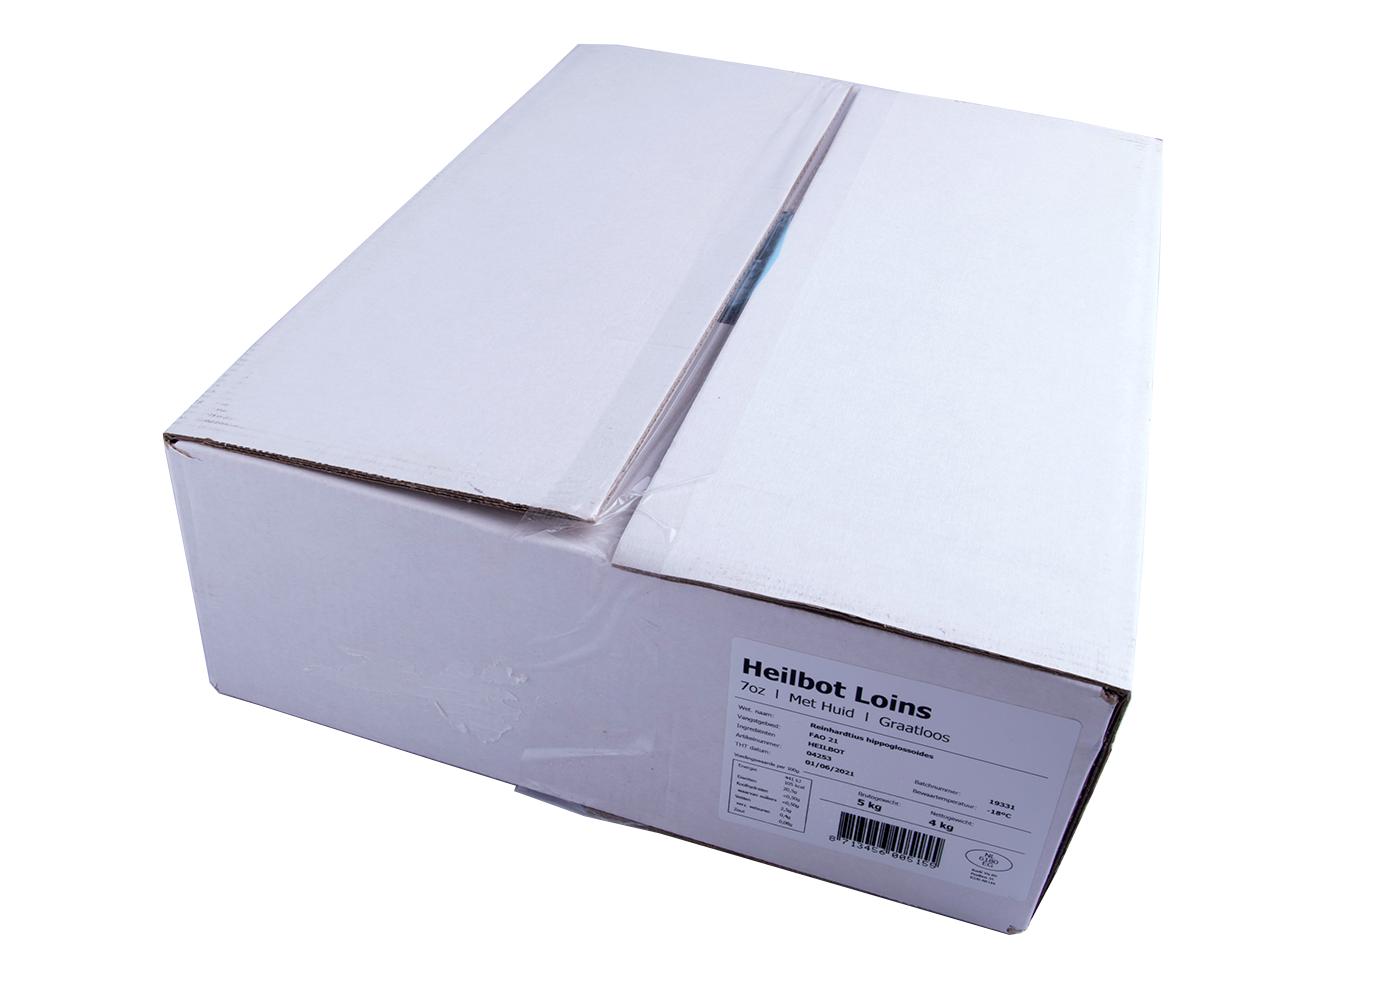 Productafbeelding HEILBOT RUG MET VEL BEVROREN 200 GRAM DOOS A 5 KG